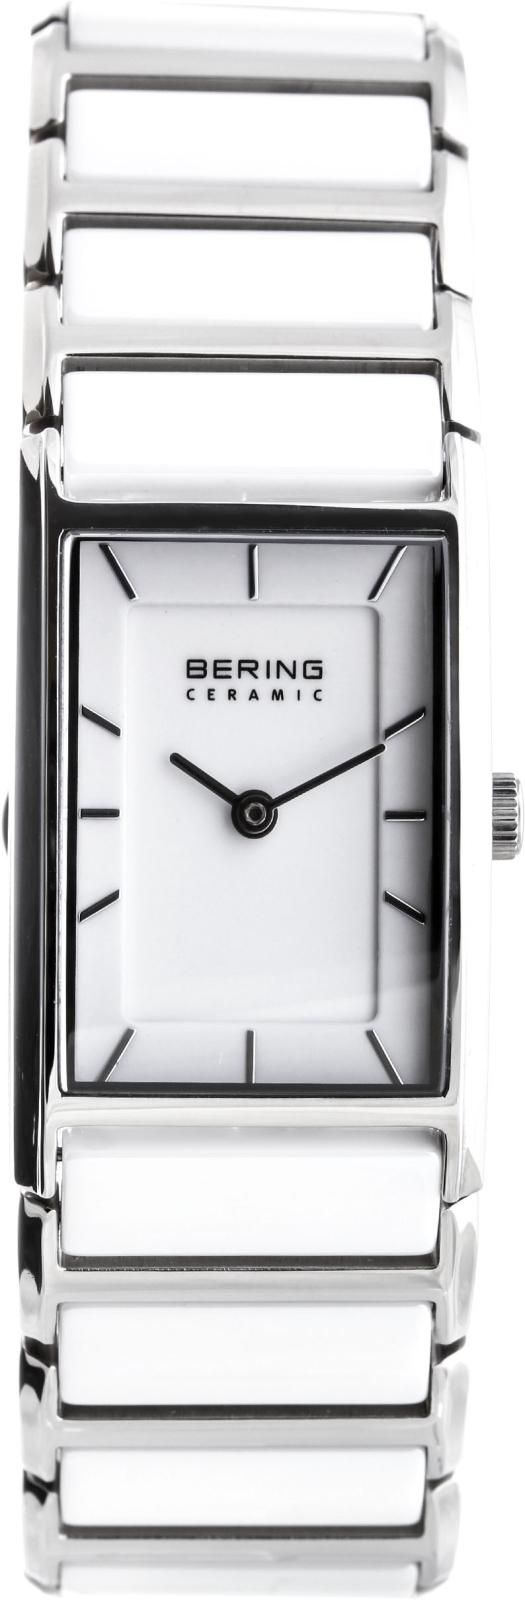 Bering Ceramic 30121-754Наручные часы<br>Датские часы Bering Ceramic 30121-754<br><br>Пол: Женские<br>Страна-производитель: Дания<br>Механизм: Кварцевый<br>Материал корпуса: Сталь<br>Материал ремня/браслета: Сталь+керамика<br>Водозащита, диапазон: 20 - 100 м<br>Стекло: Сапфировое<br>Толщина корпуса: 8 мм<br>Стиль: Классика